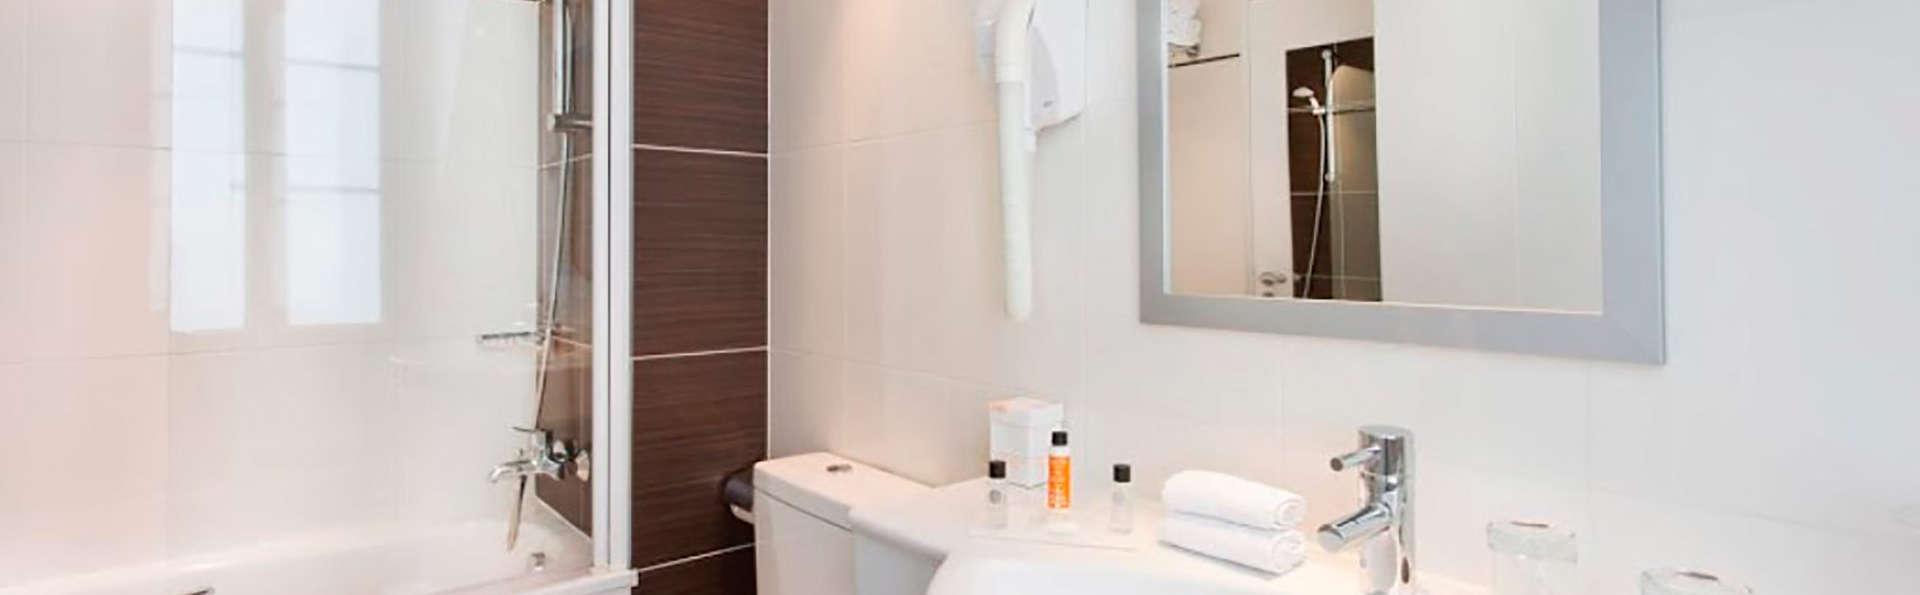 Hôtel Elysées Bassano - EDIT_bath.jpg